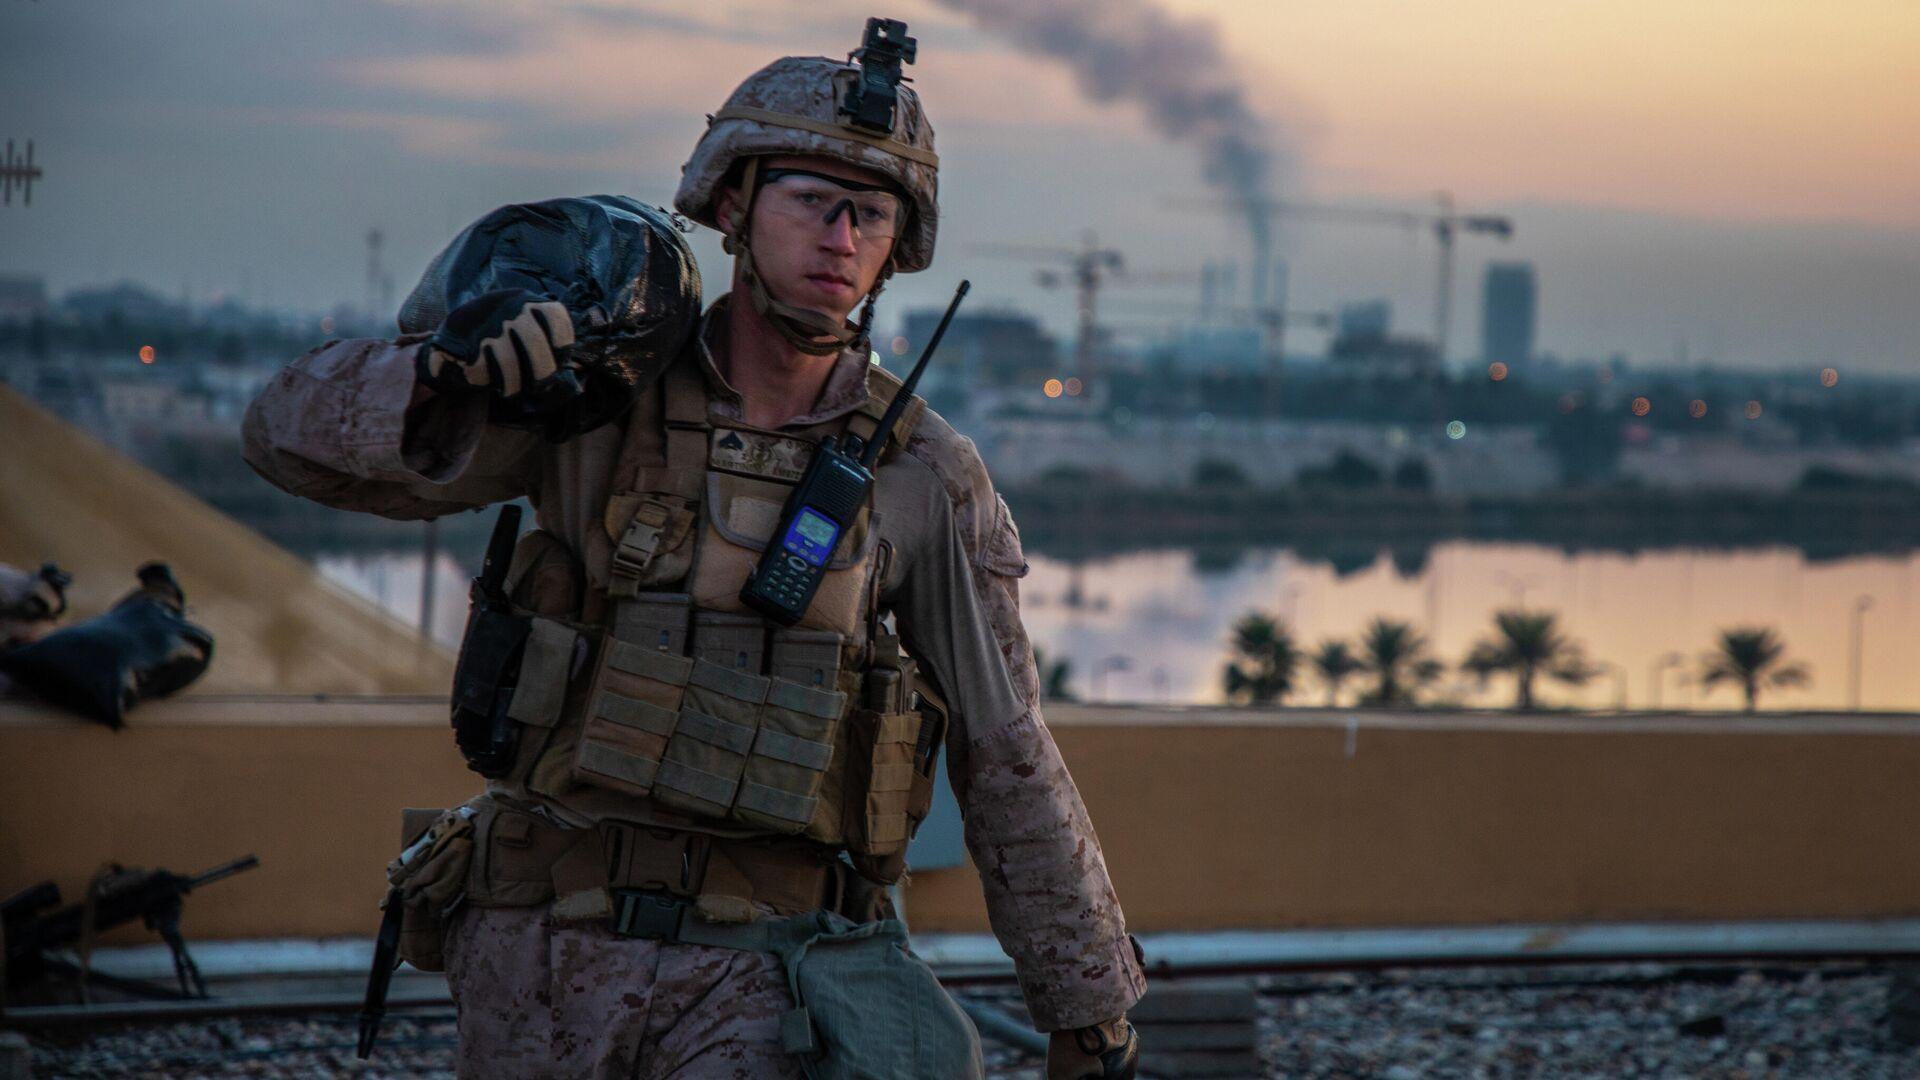 Американский морской пехотинец на территории посольства США в Багдаде, Ирак. 4 января 2019 - РИА Новости, 1920, 17.03.2020